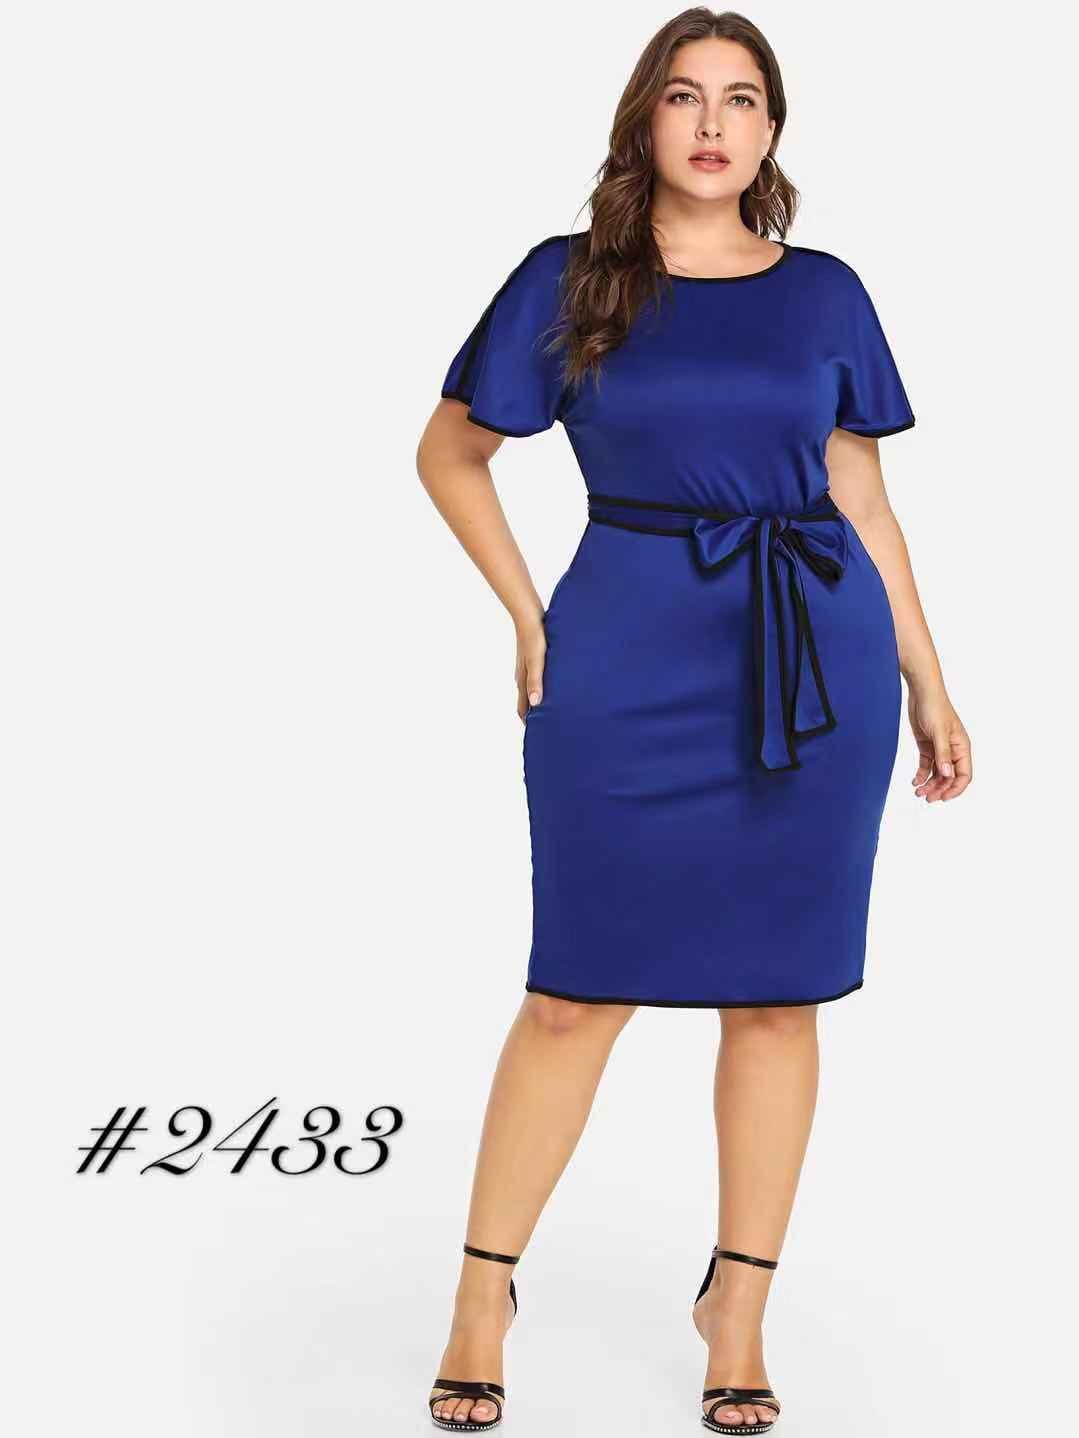 Fashionable Plus Size Dresses